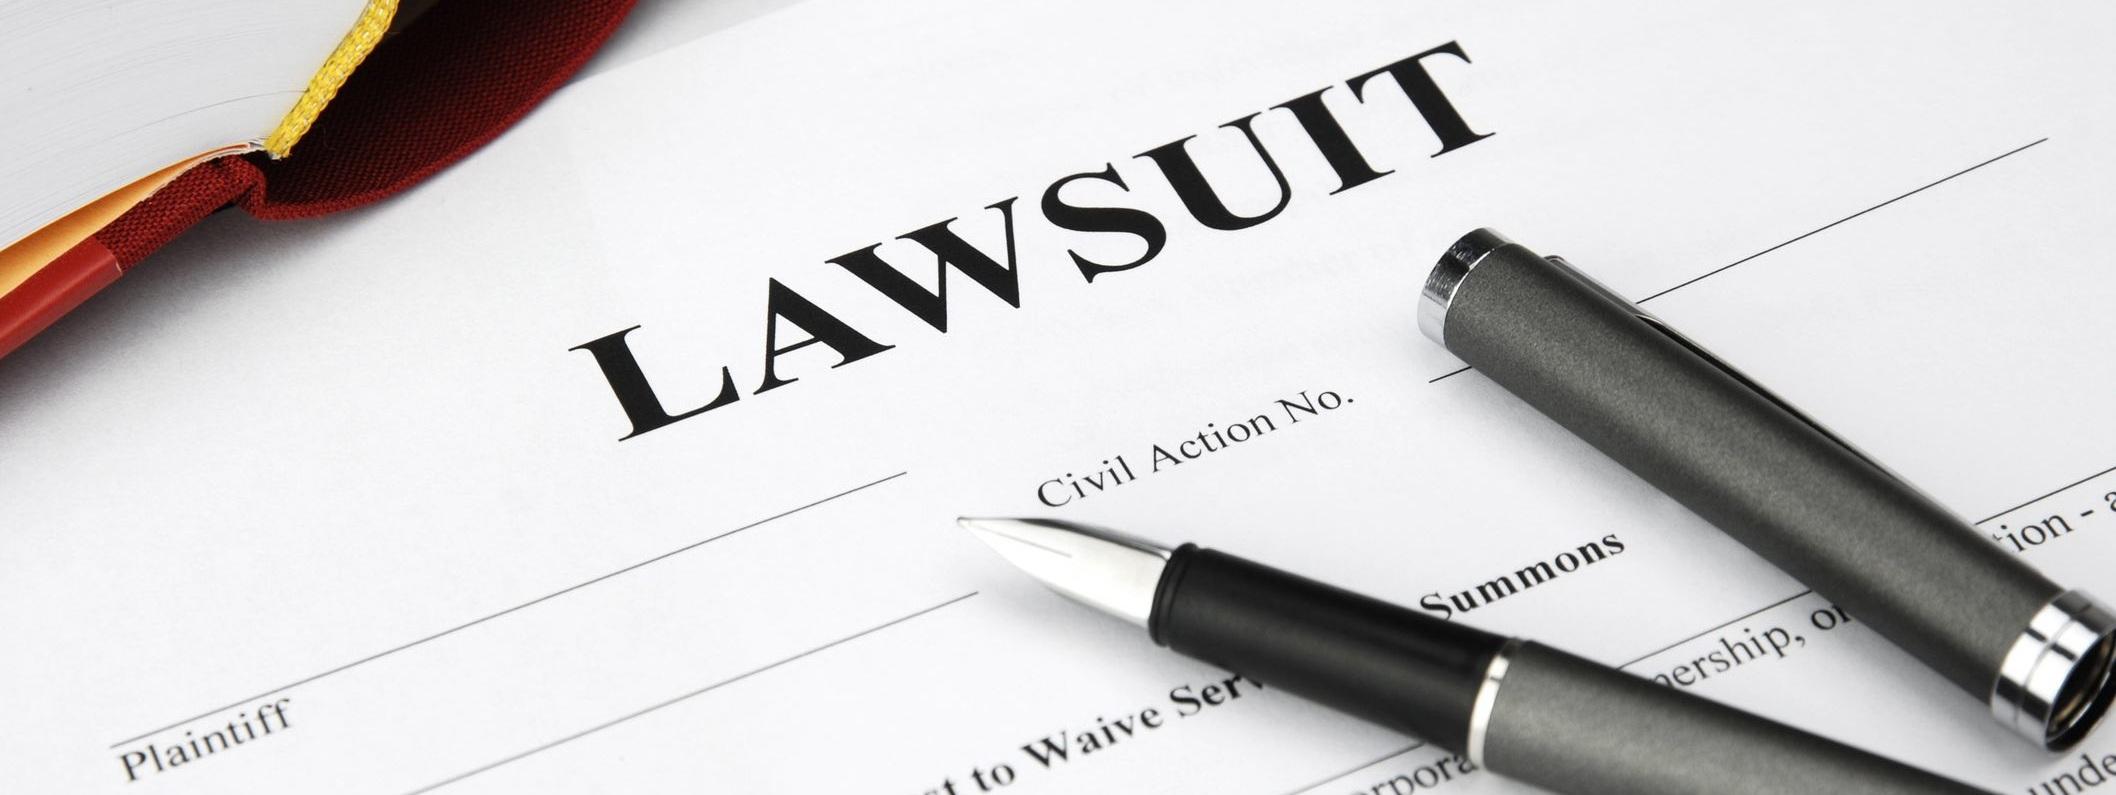 getty-lawsuit.jpg